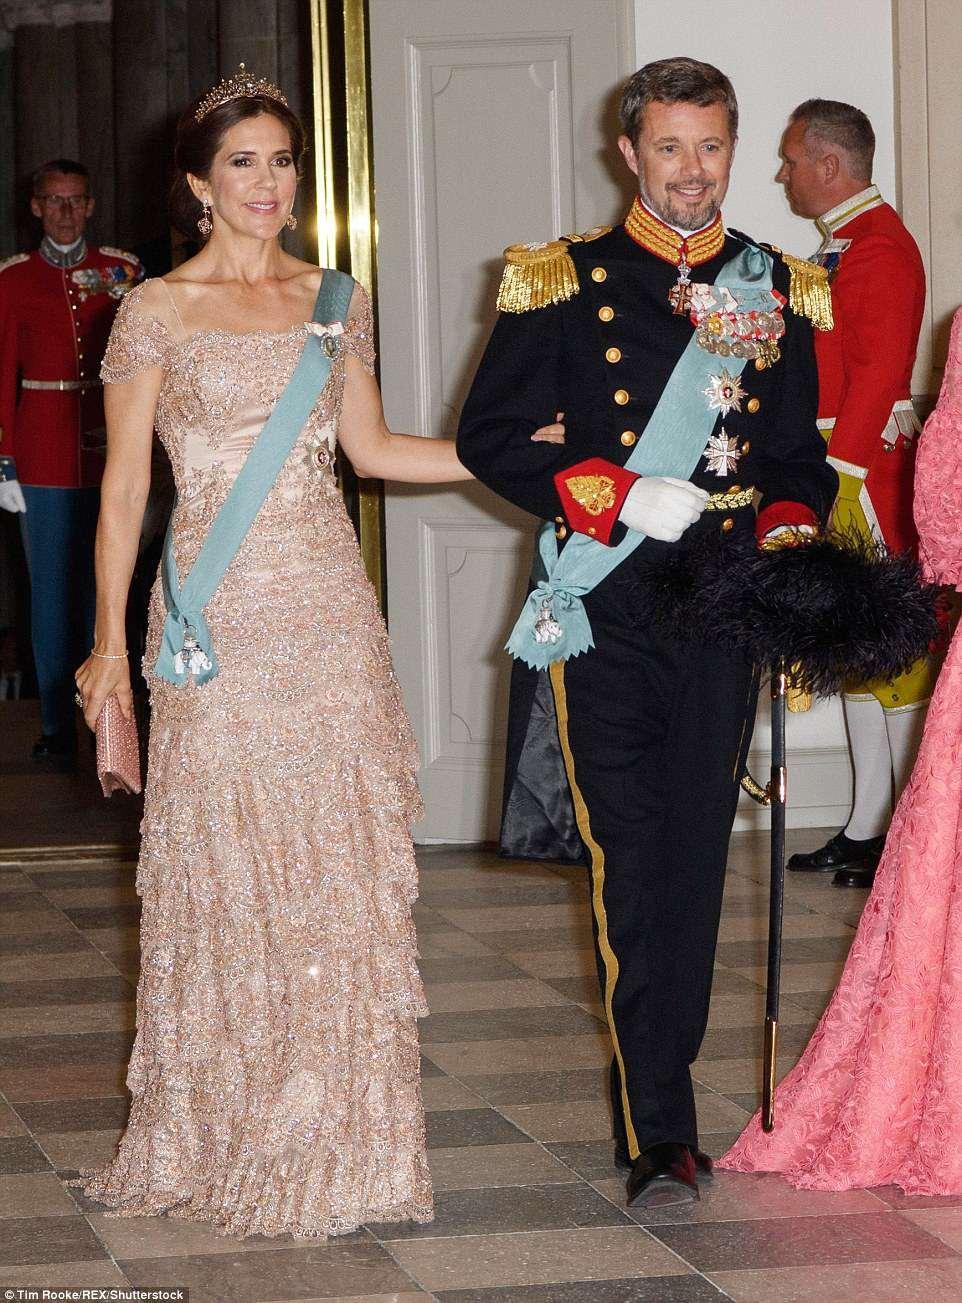 丹麦王储妃玛丽_丹麦王储妃玛丽参加老公生日庆祝活动,绣花白色裙子美